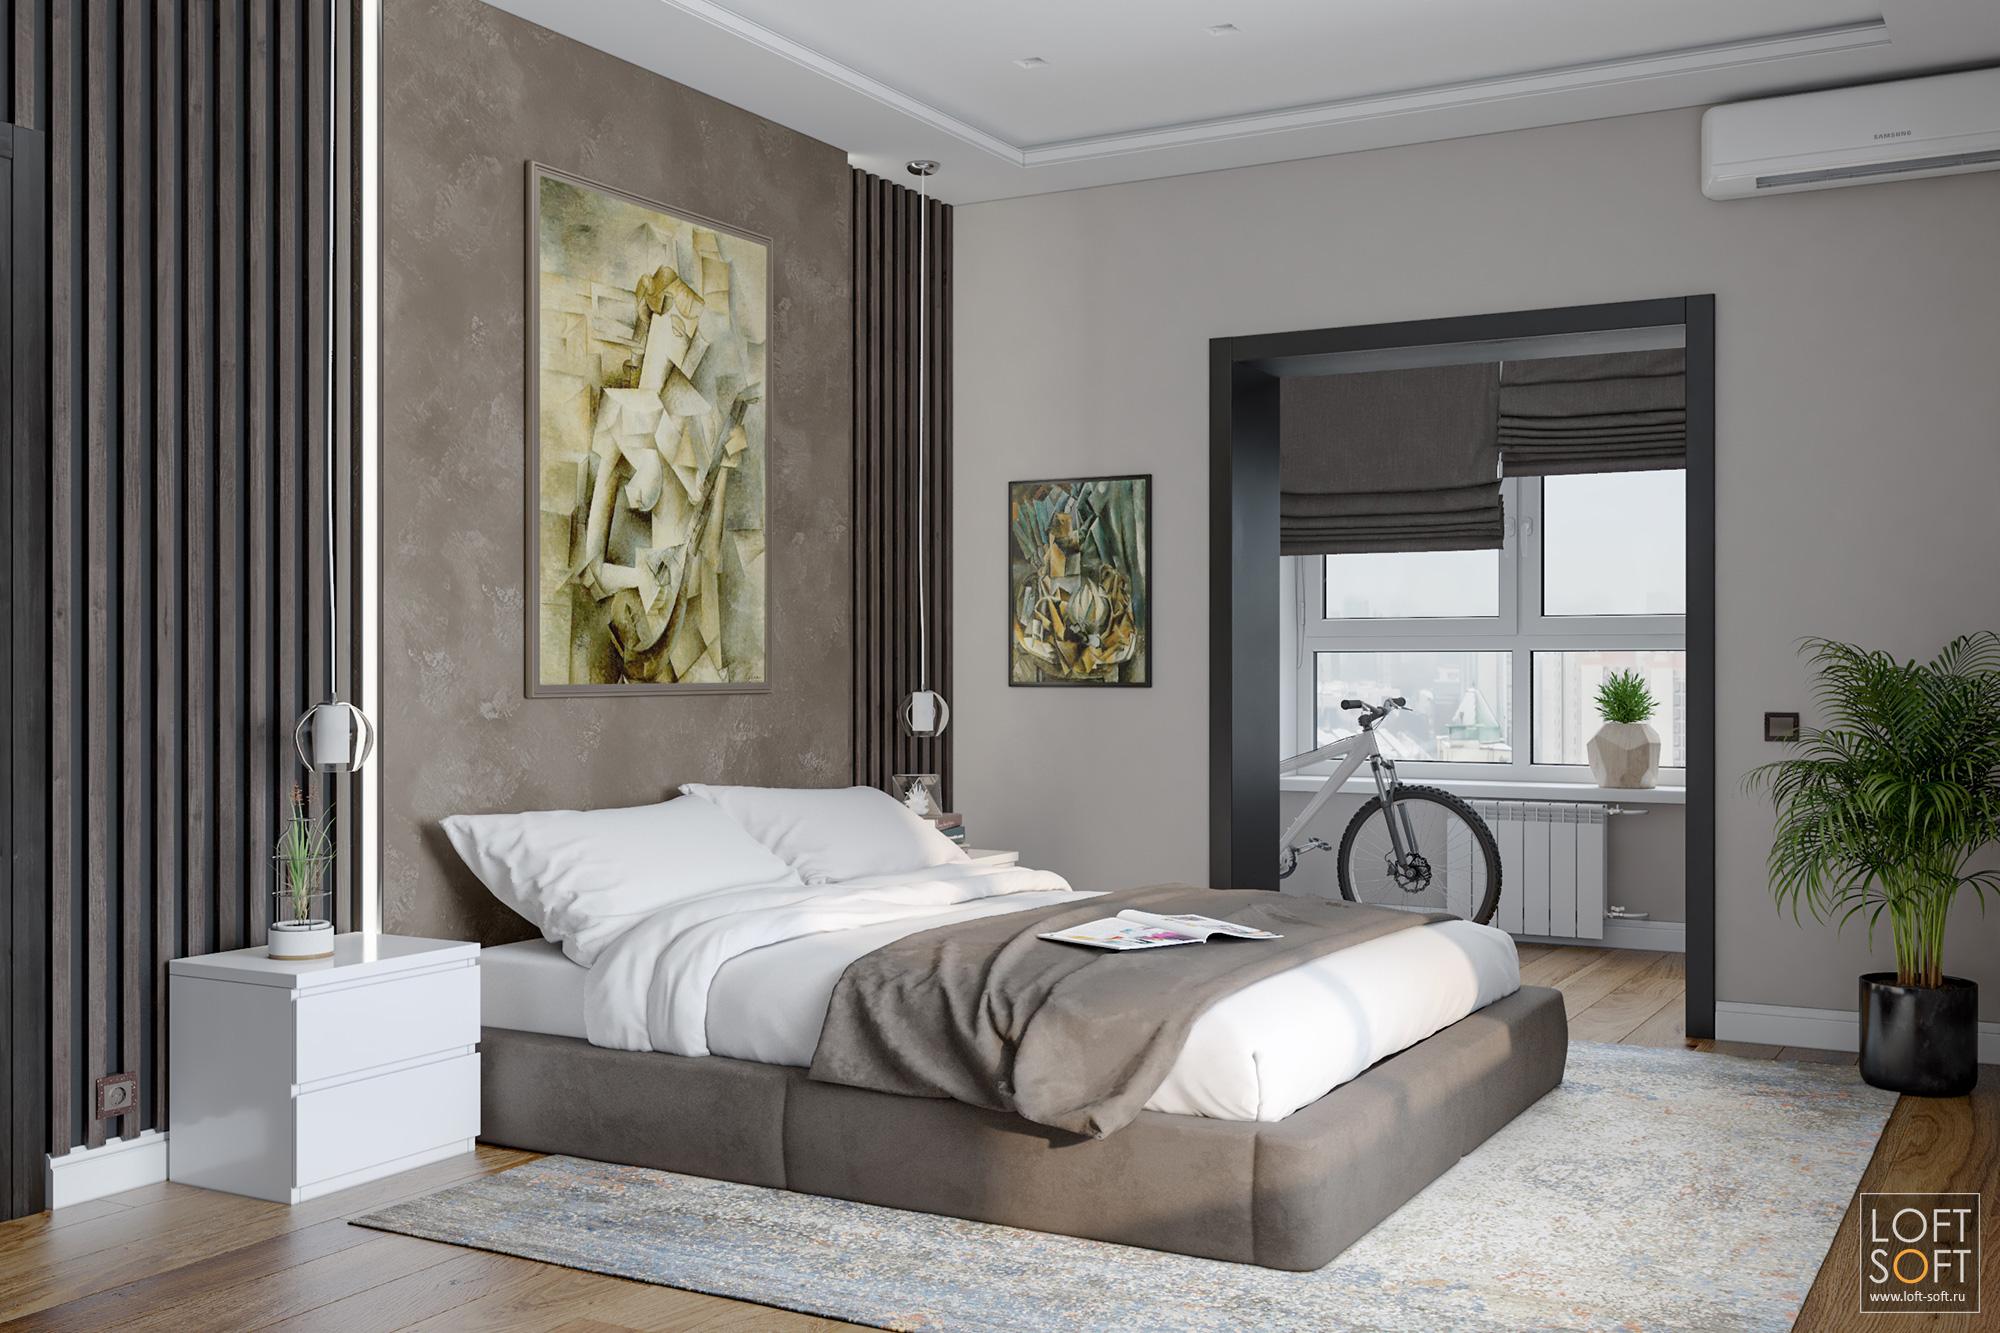 современный интерьер, баффели вотделке, коричневая спальня, loft soft